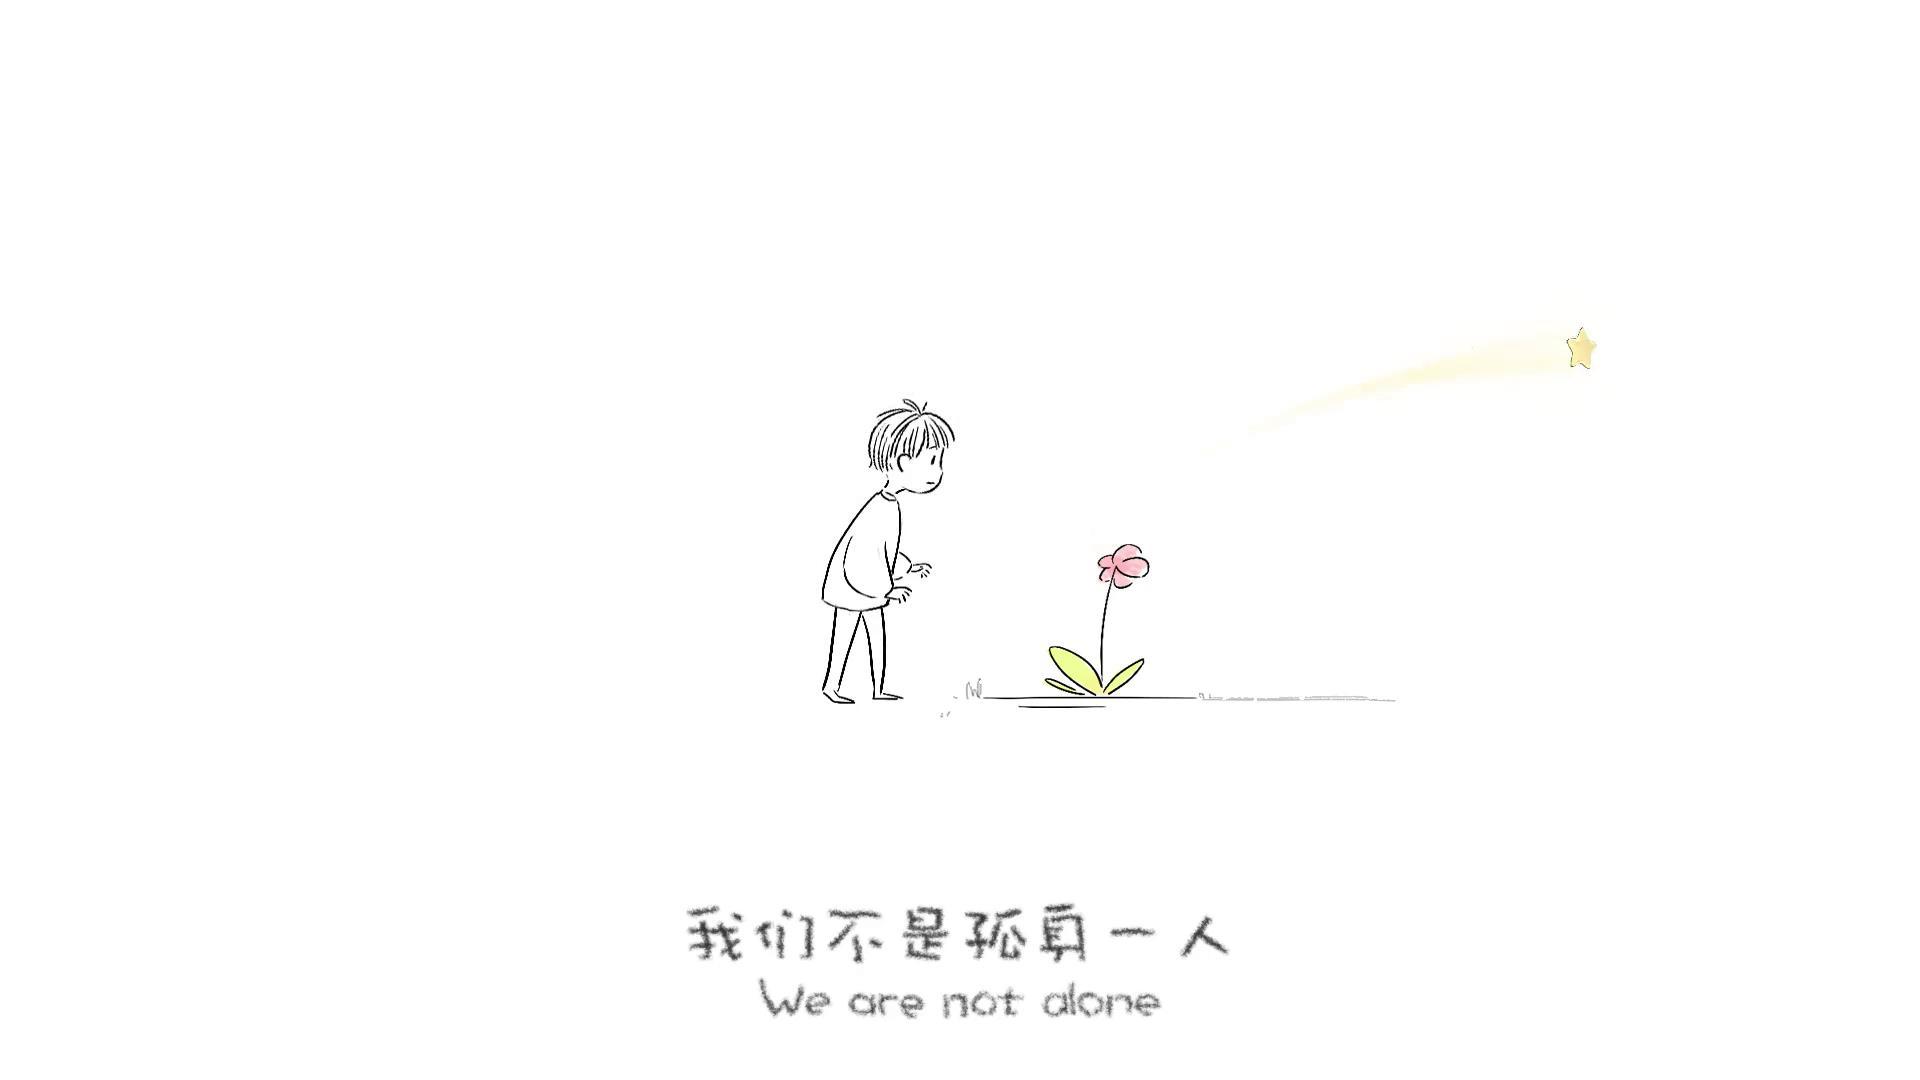 大家不是孤单一人[封面图].jpg